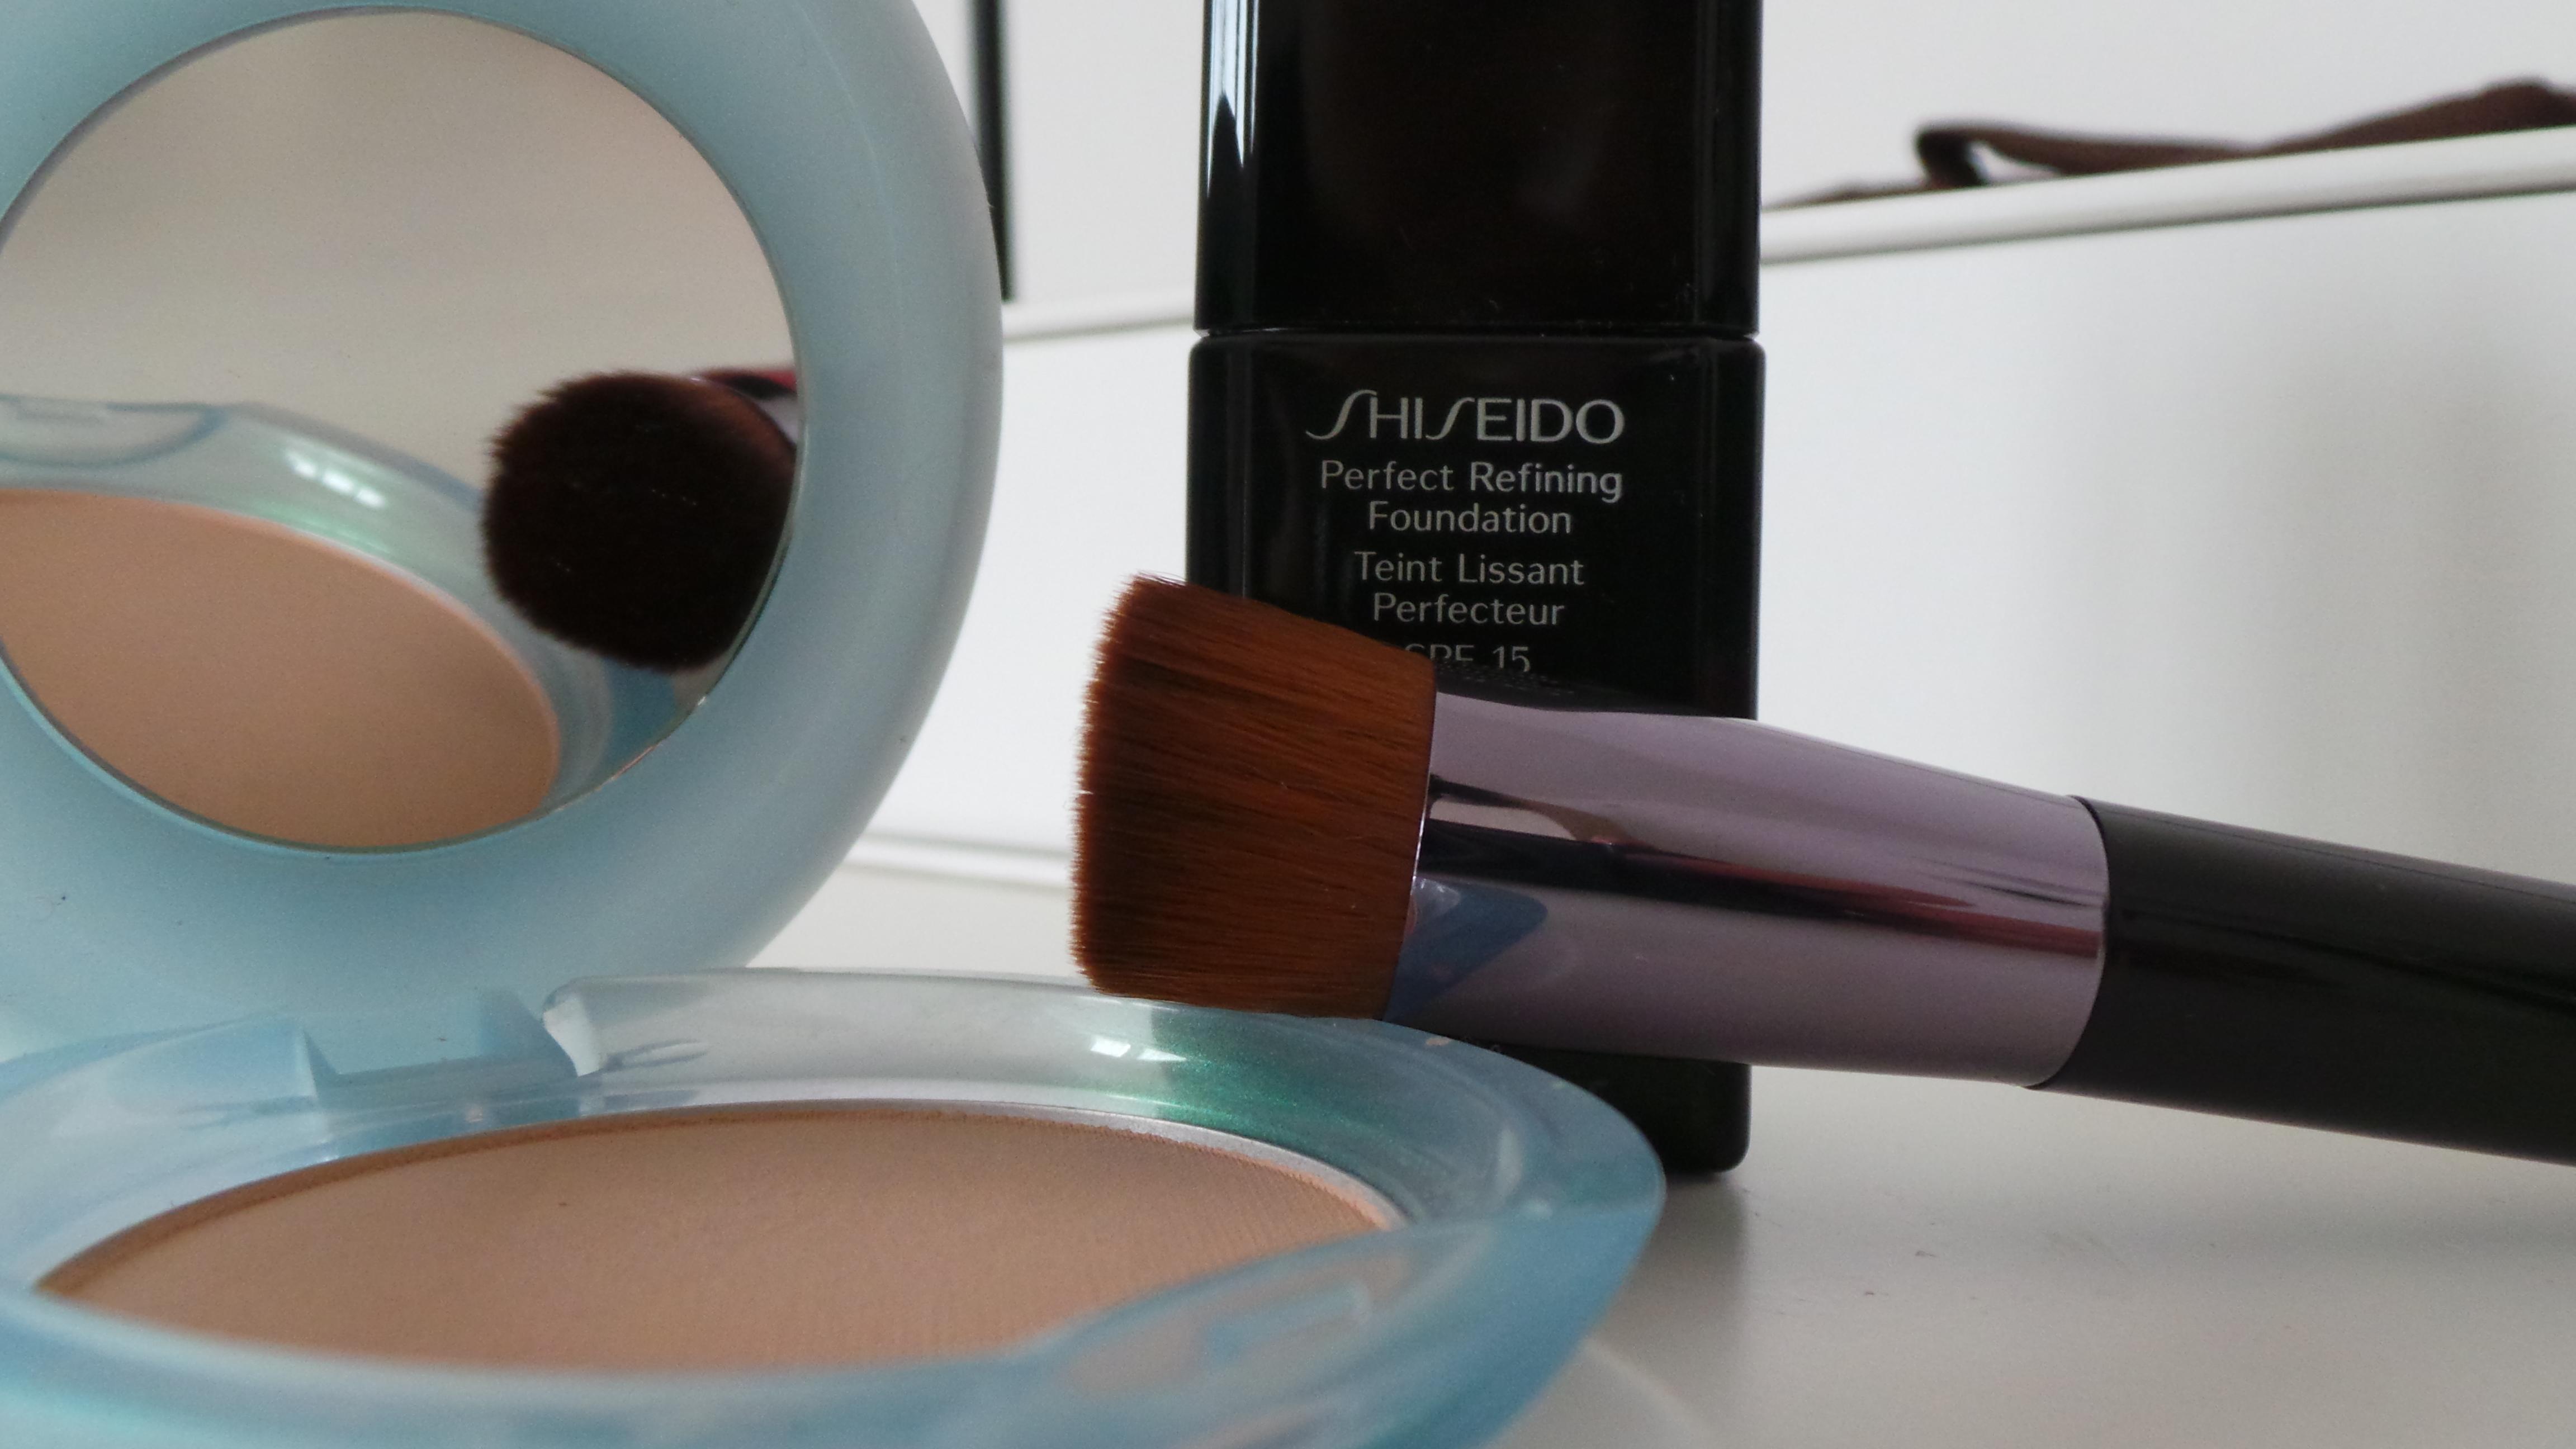 ShiseidoMakeup&#;Fondotinta&#;Pennello